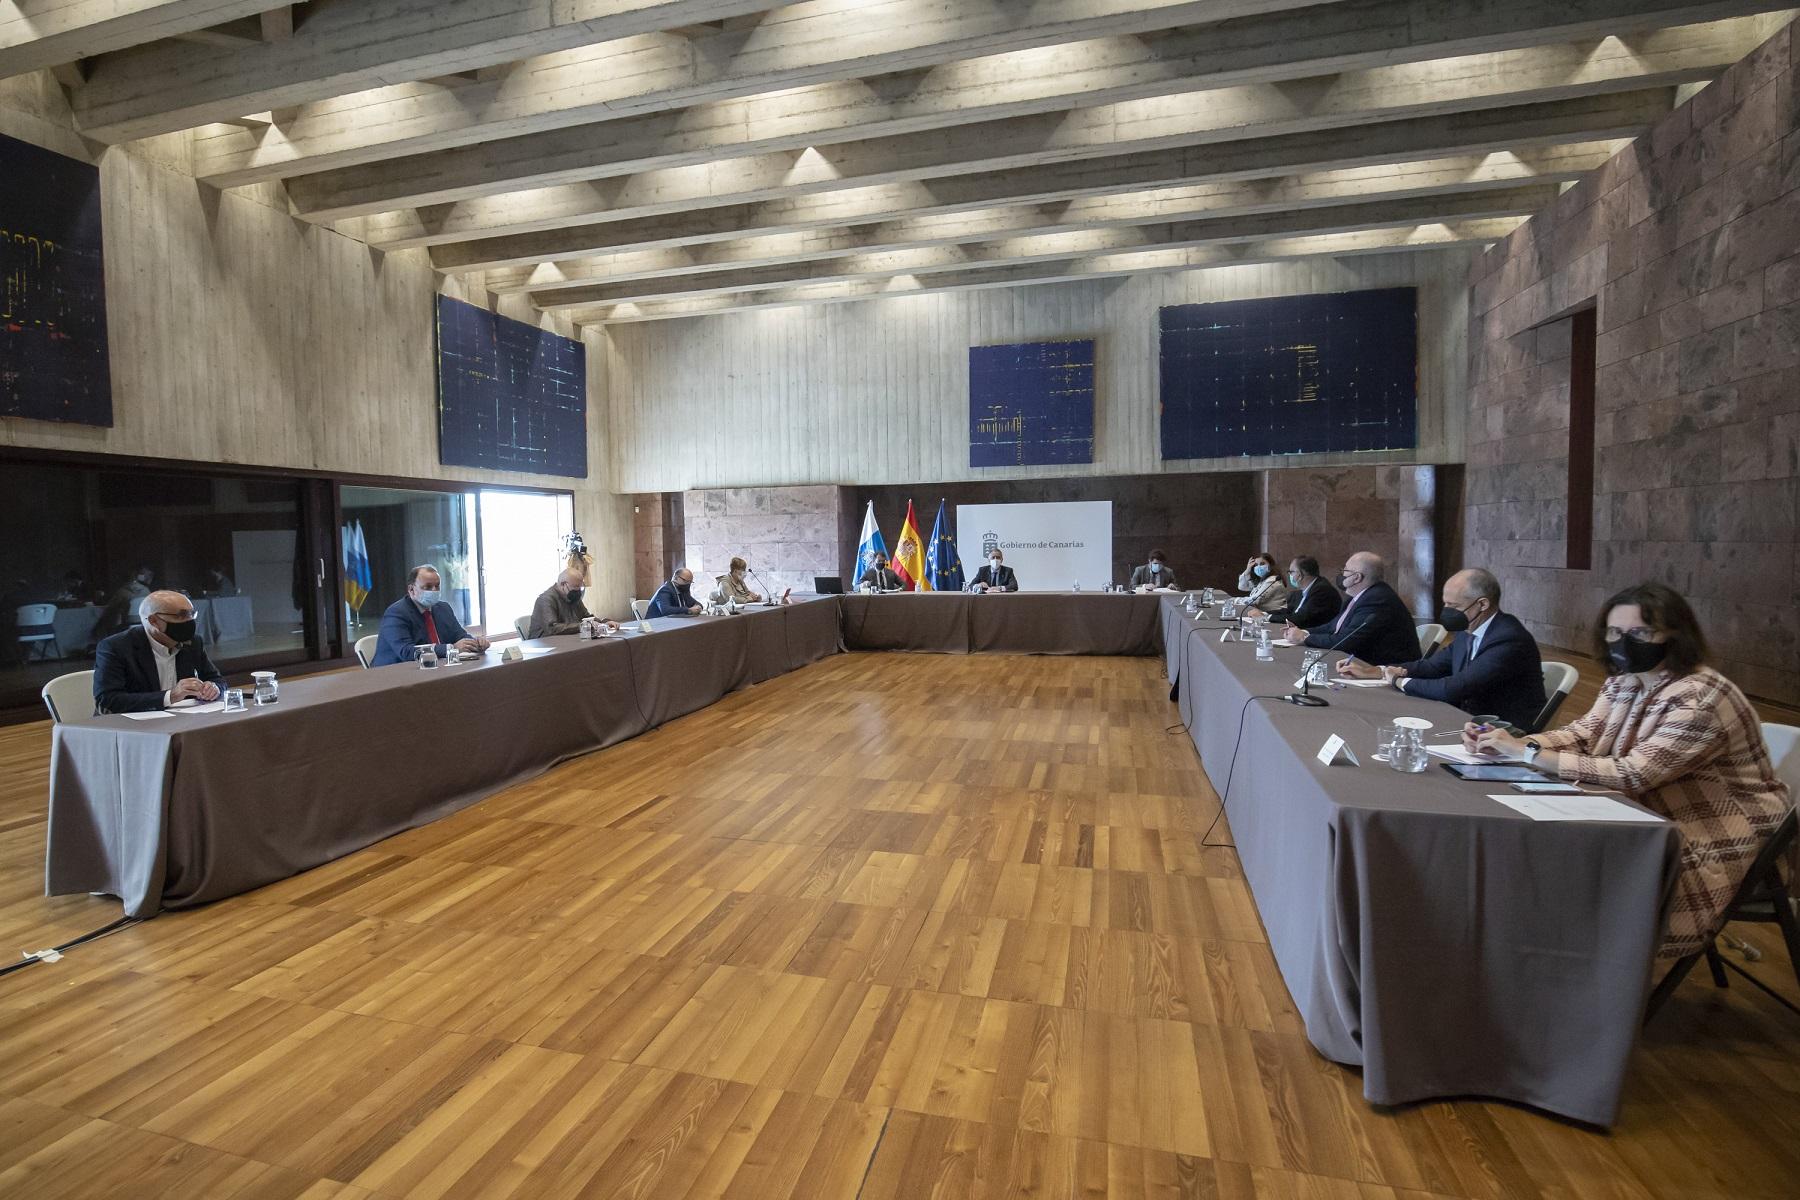 Reunión de la comisión de seguimiento del Plan Reactiva Canarias celebrada el 22 de febrero pasado